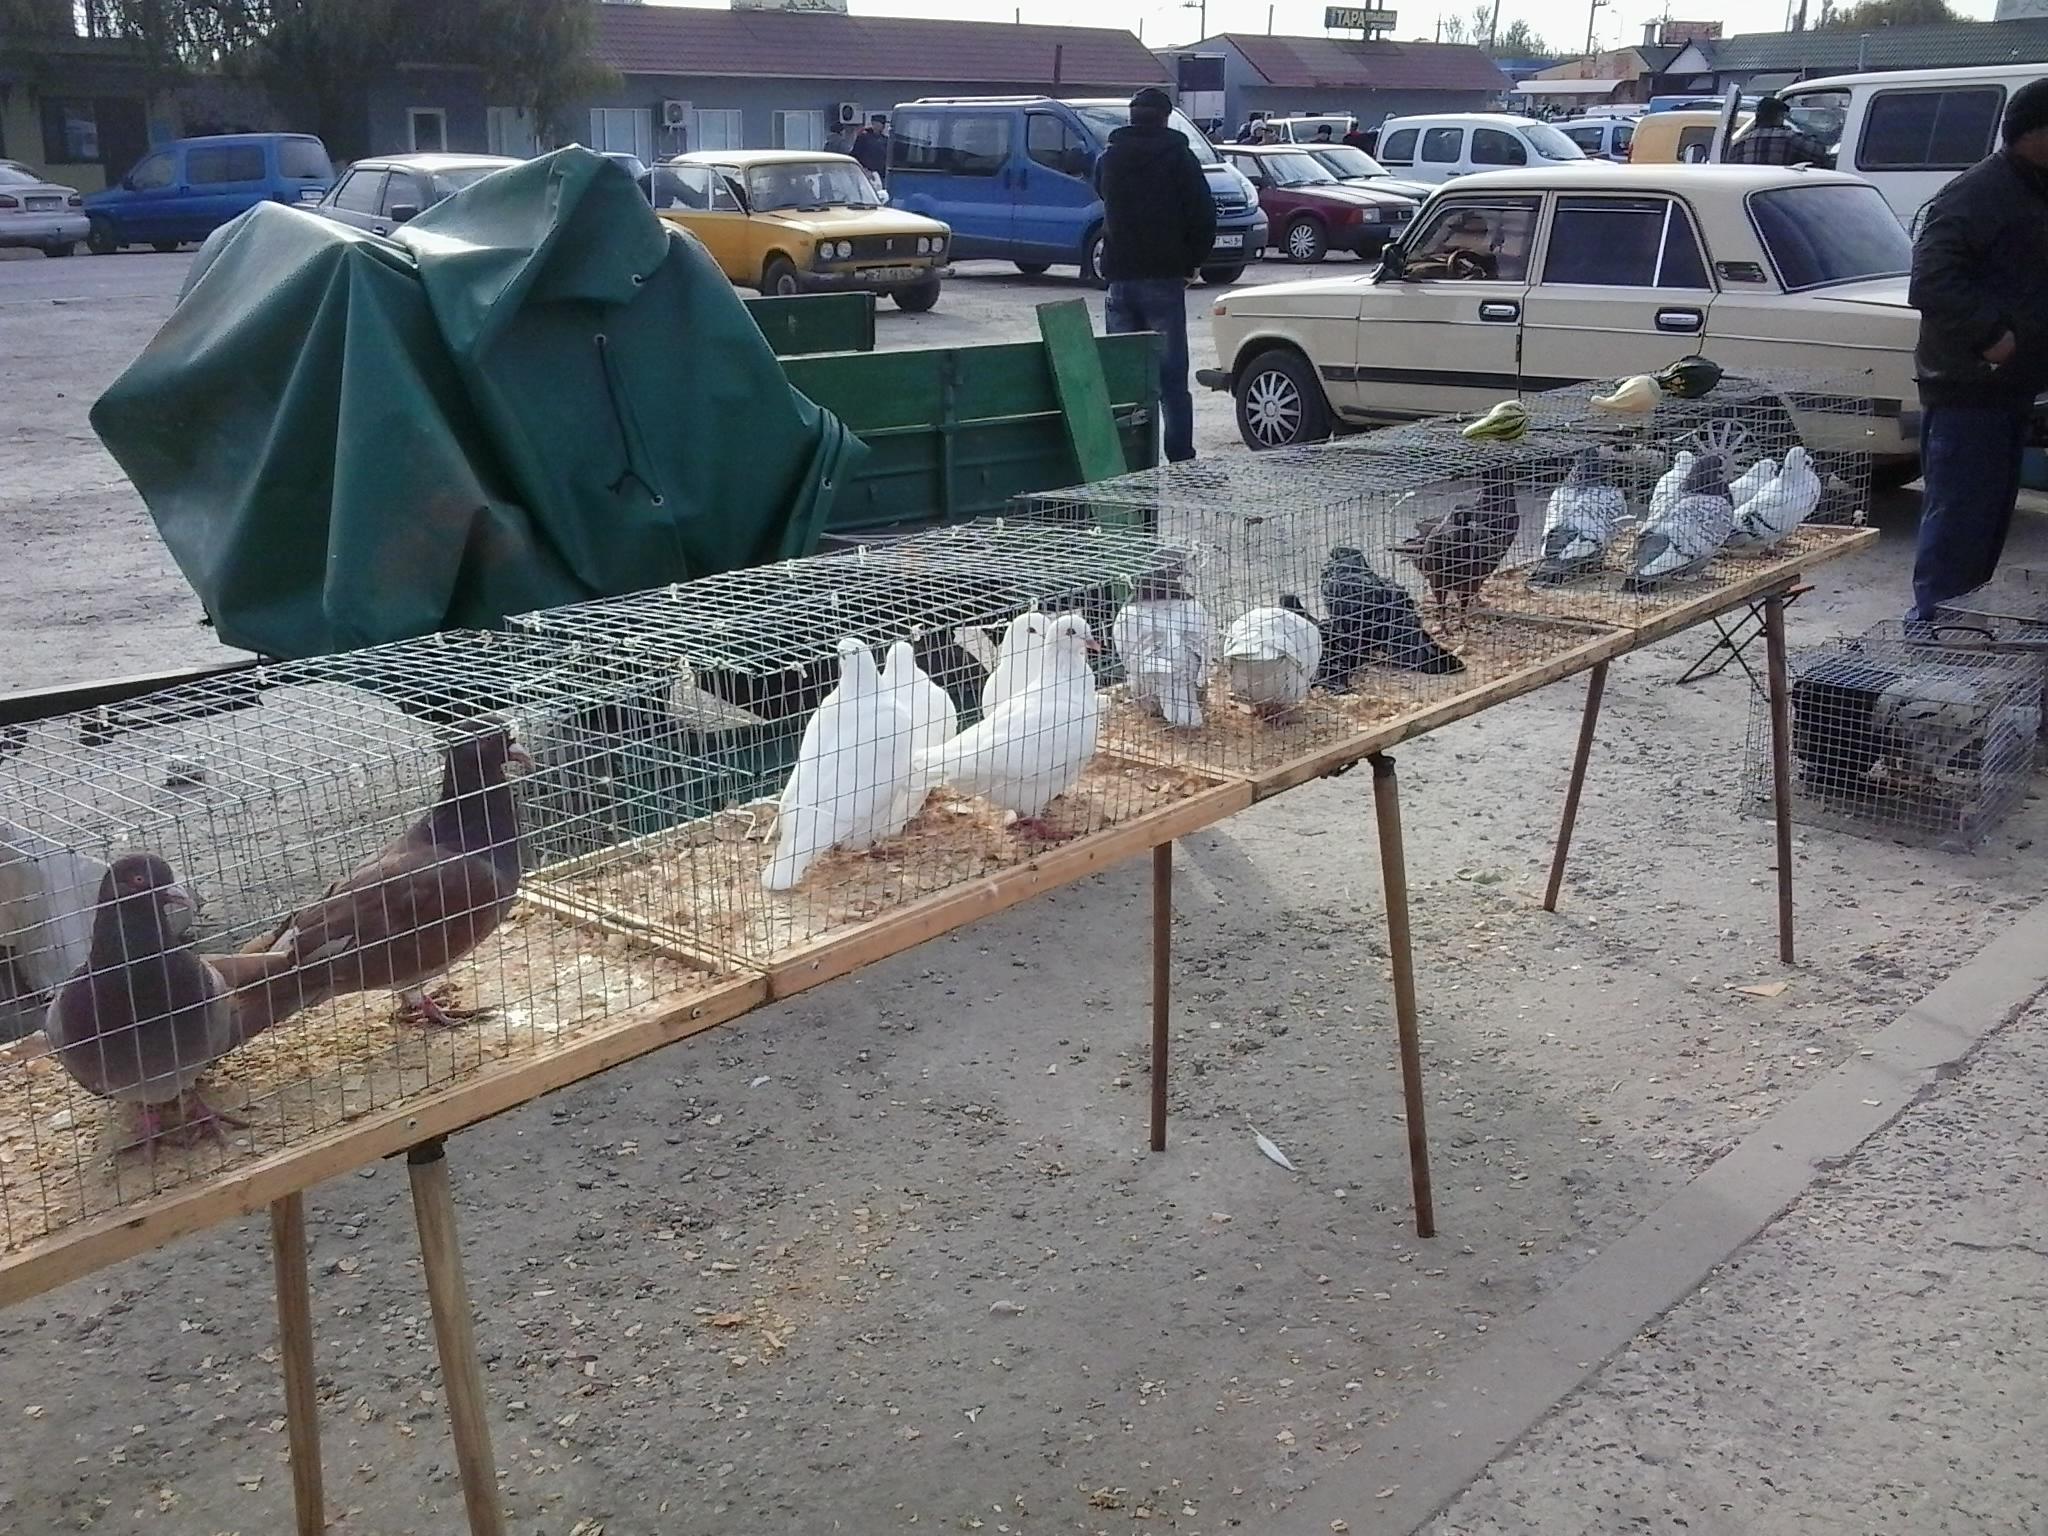 Выставка голубей, птиц и животных в Украине